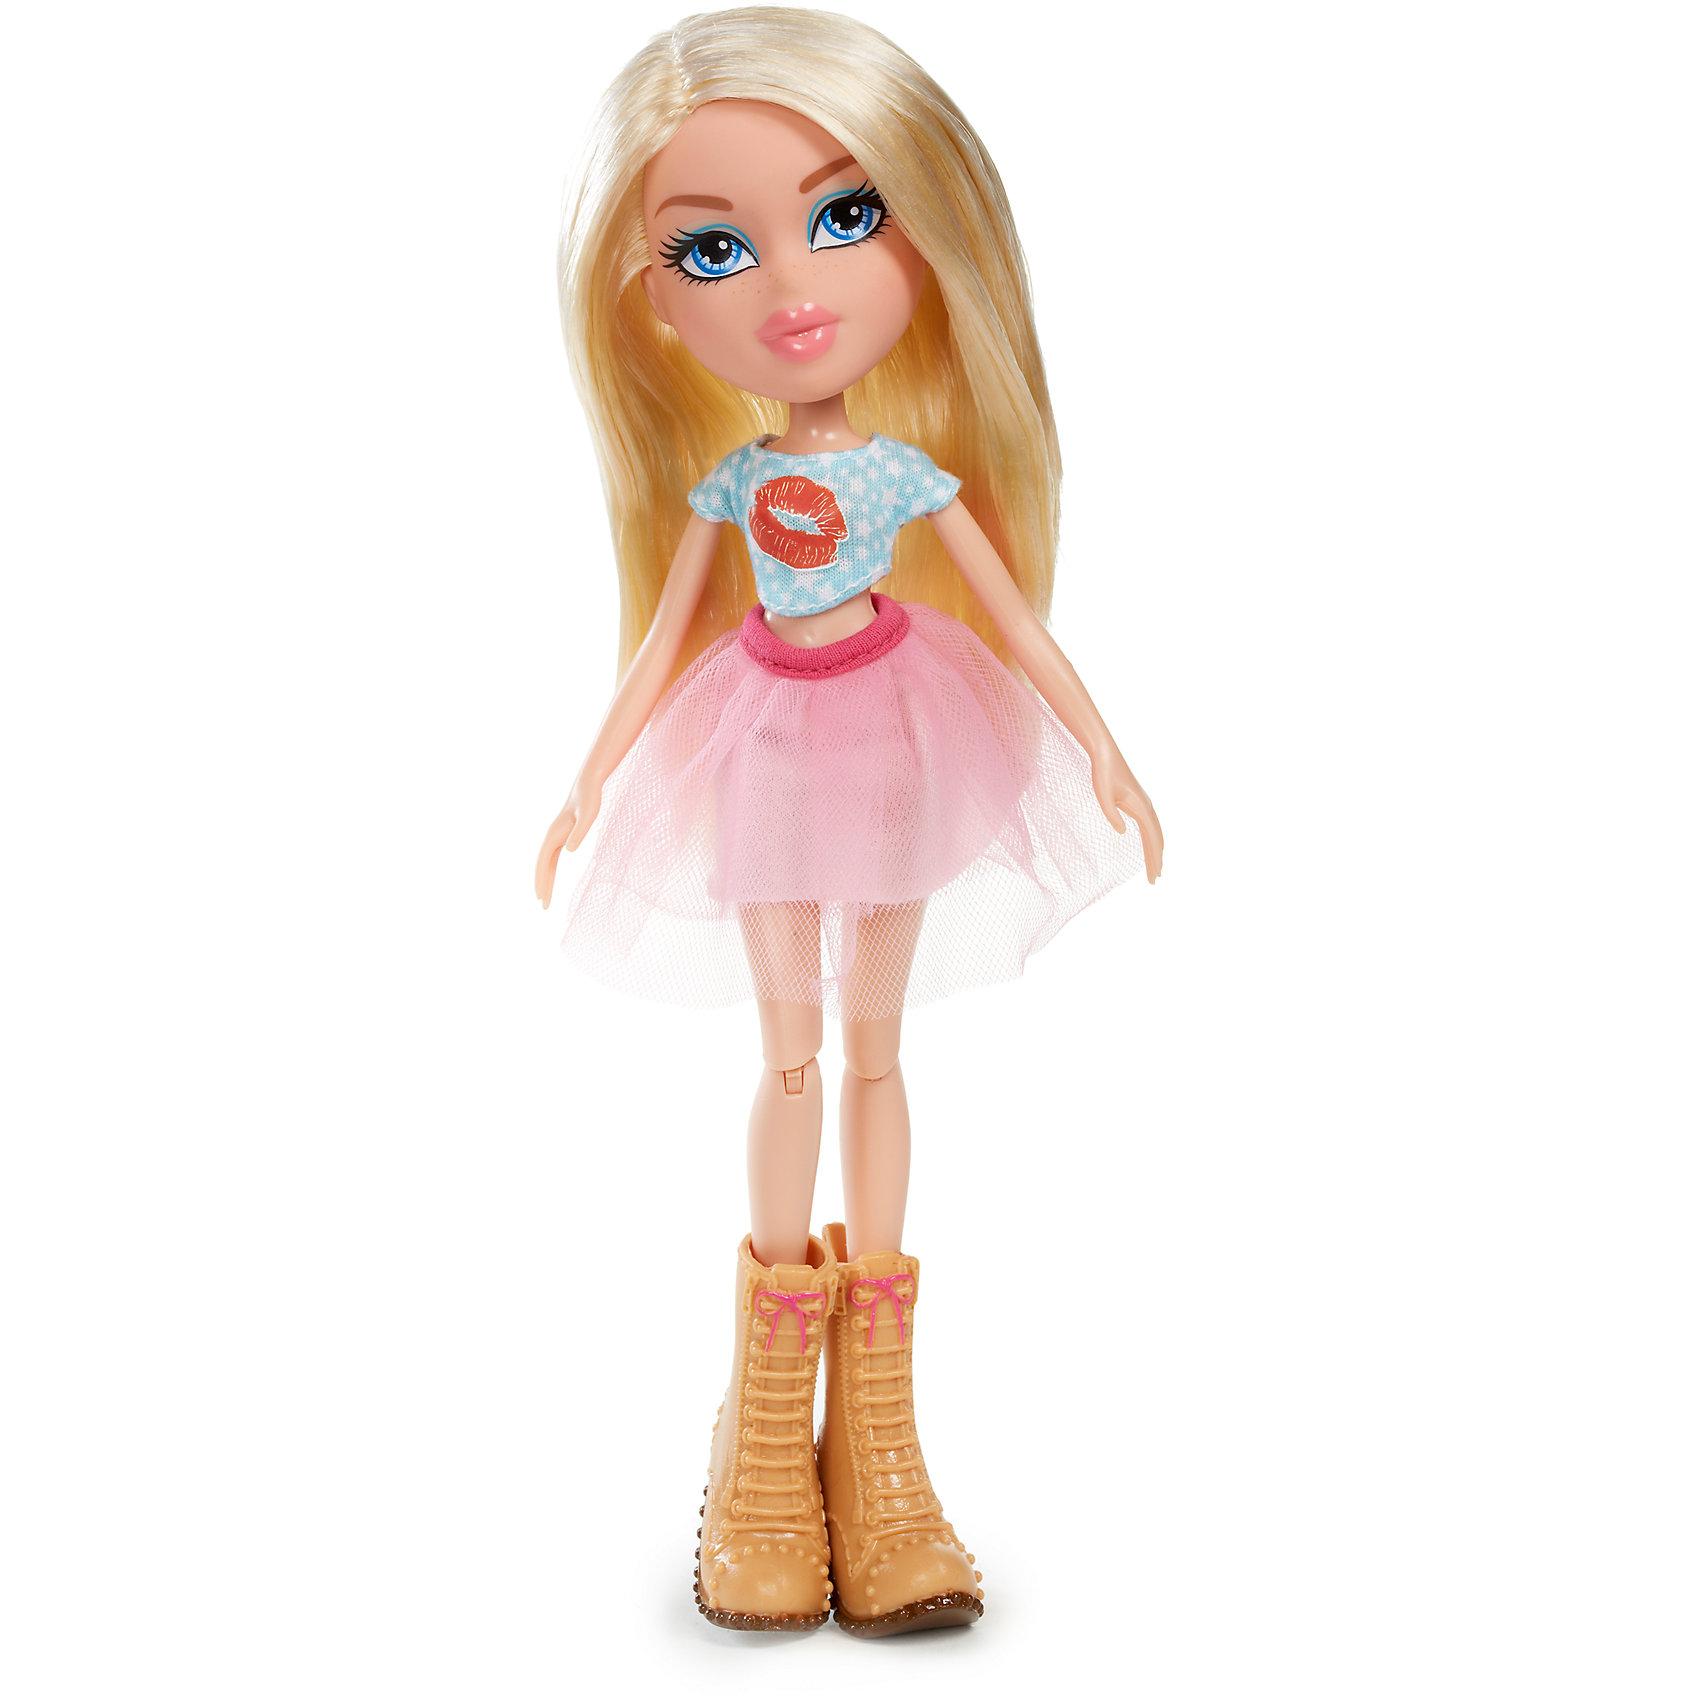 Кукла делюкс Хлоя, Диджей, BratzКуклы-модели<br>Характеристики товара:<br><br>- цвет: разноцветный;<br>- материал: пластик;<br>- подвижные части тела;<br>- комплектация: кукла, аксессуары;<br>- размер упаковки: 15х6х30 см.<br>- размер куклы: 27 см.<br><br>Эти симпатичные куклы диджеи-Bratz от известного бренда не оставят девочку равнодушной! Какая девочка сможет отказаться поиграть с куклами, которым можно менять образ благодаря набору аксессуаров?! В комплект входит одежда и аксессуары для куклы-диджея. Игрушка очень качественно выполнена, поэтому она станет замечательным подарком ребенку. <br>Продается набор в красивой удобной упаковке. Изделие произведено из высококачественного материала, безопасного для детей.<br><br>Куклу делюкс Хлоя, Диджей, от бренда Bratz можно купить в нашем интернет-магазине.<br><br>Ширина мм: 160<br>Глубина мм: 310<br>Высота мм: 70<br>Вес г: 4000<br>Возраст от месяцев: 72<br>Возраст до месяцев: 2147483647<br>Пол: Женский<br>Возраст: Детский<br>SKU: 5141874